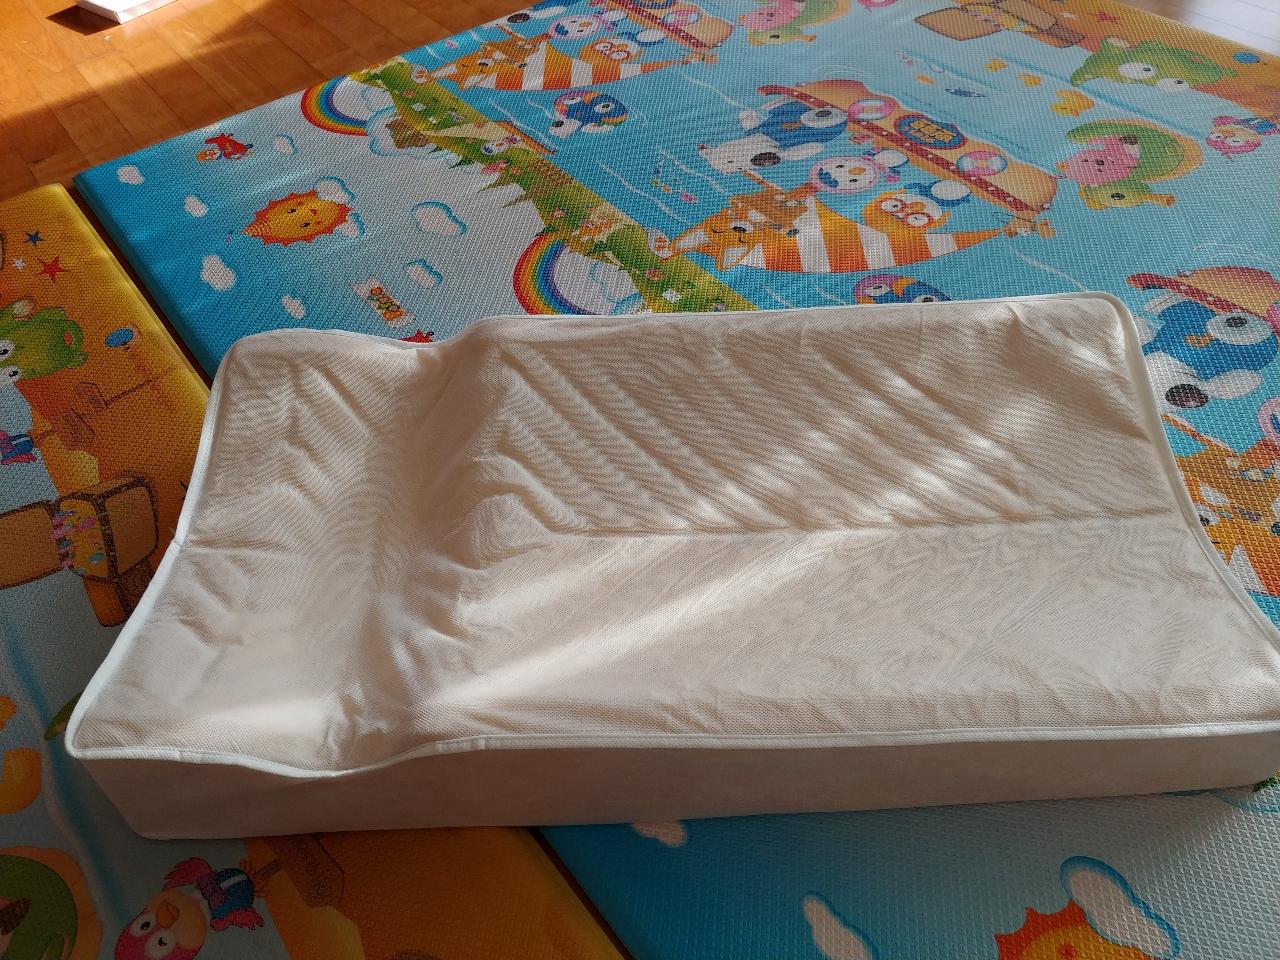 신생아간이침대 아기휴대용침대